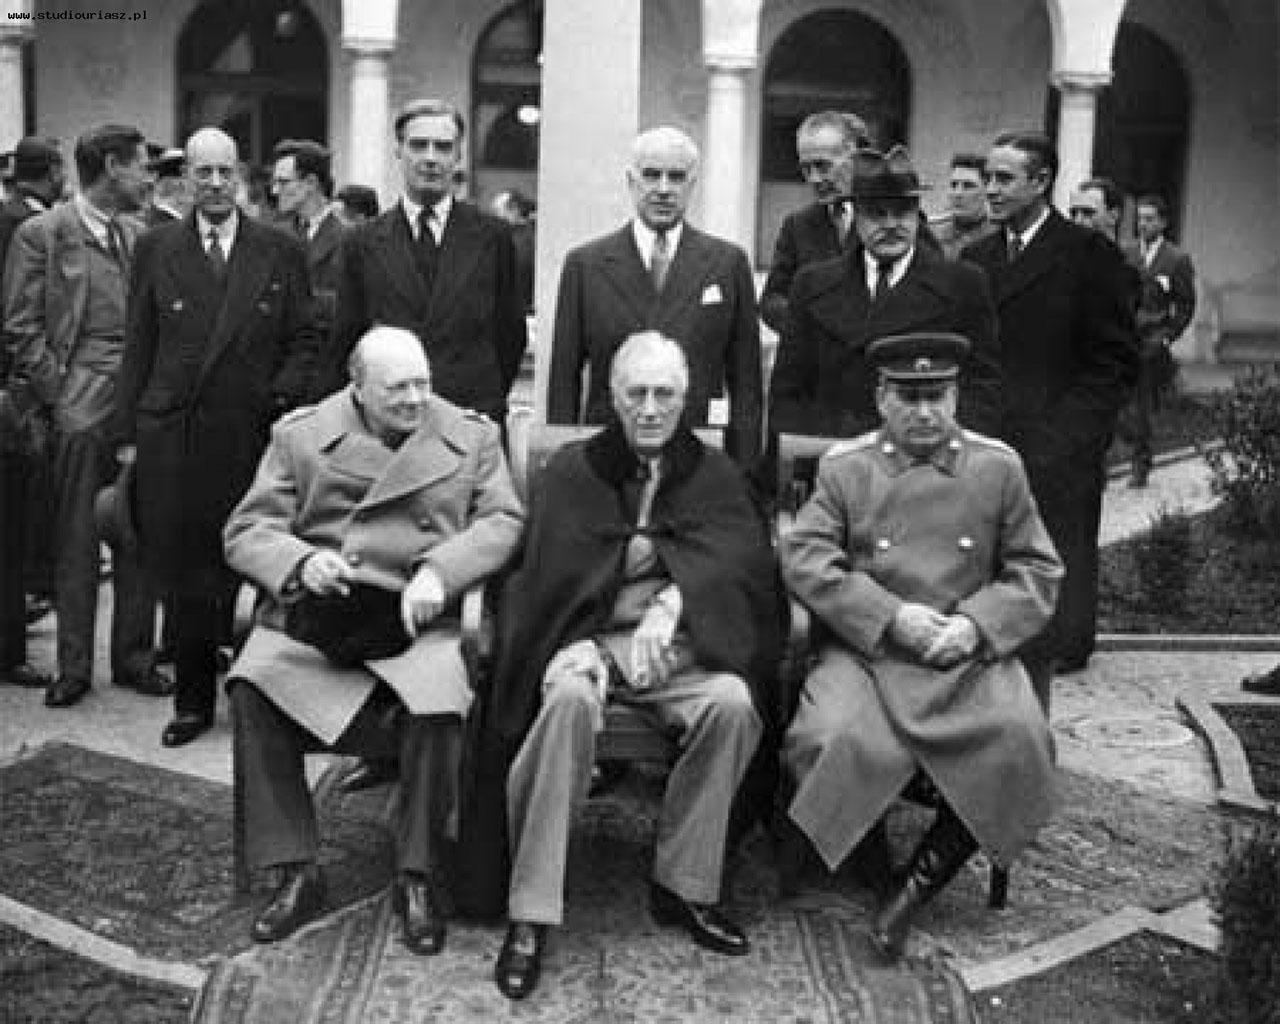 Крымская конференция. Черчилль, Рузвельт, Сталин в Ялте. Февраль 1945 года.